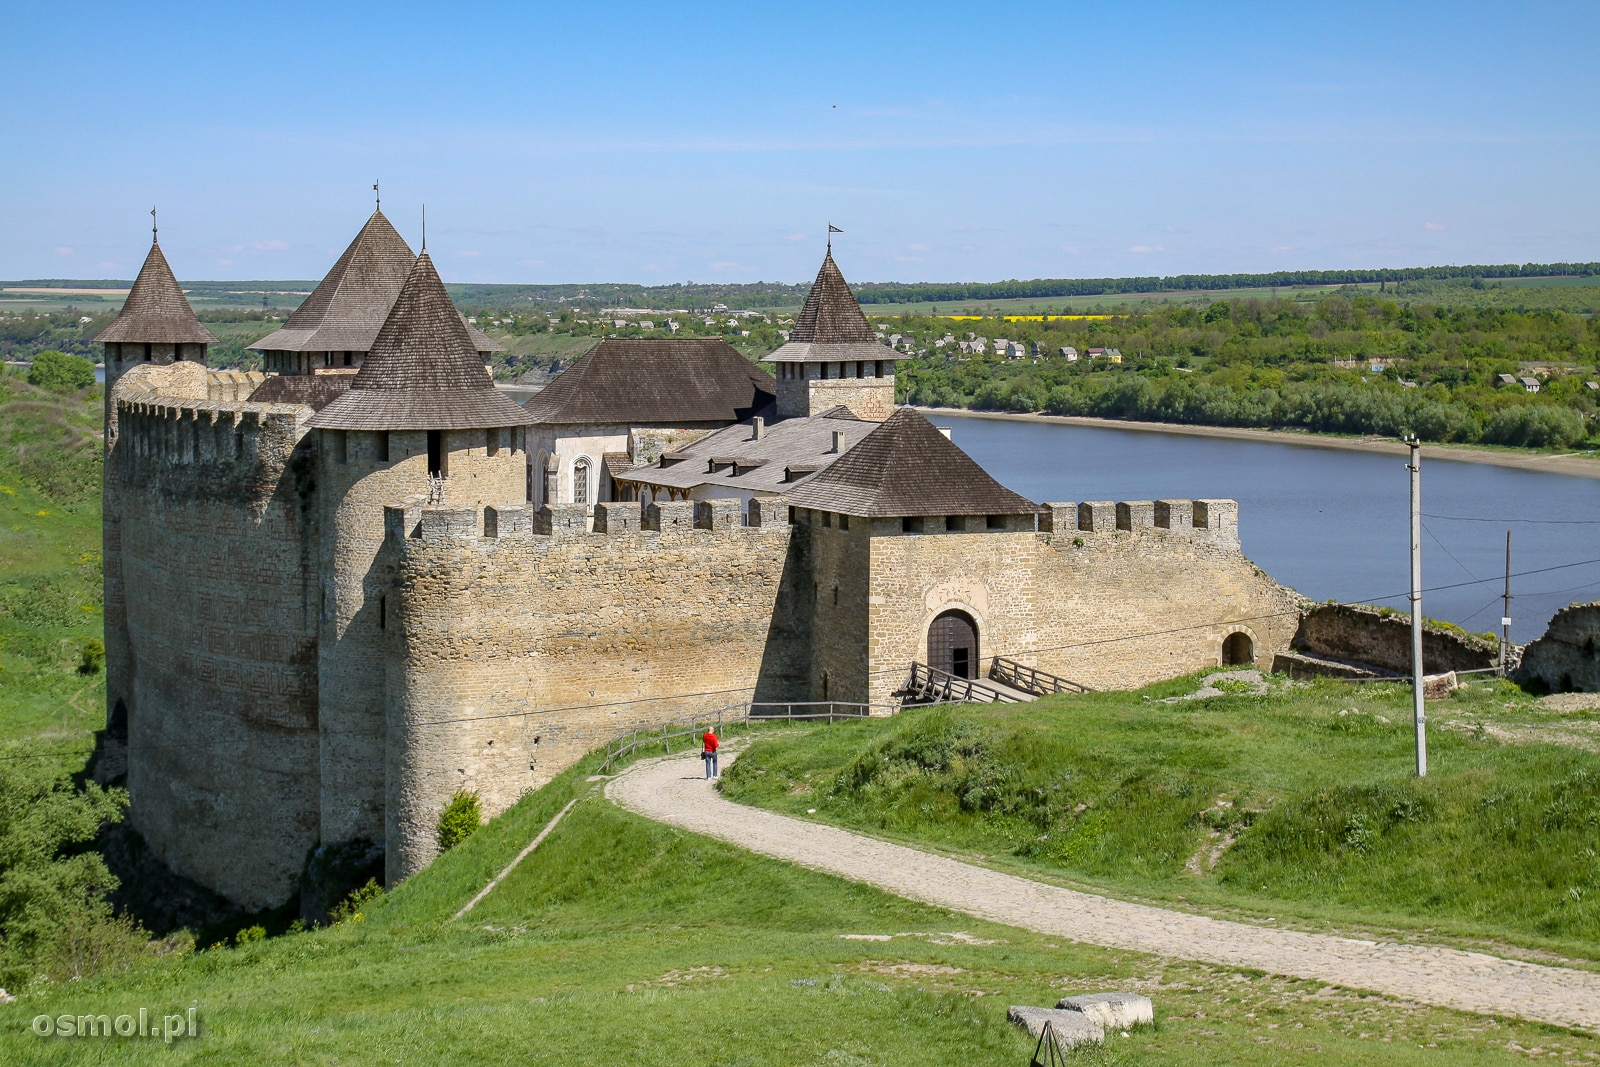 Zamek w Chocimiu. Wysokie mury zamku w całym majestacie i potędze widać dopiero z bliska, bo zamek stoi w zagłębieniu tuż przy rzece.